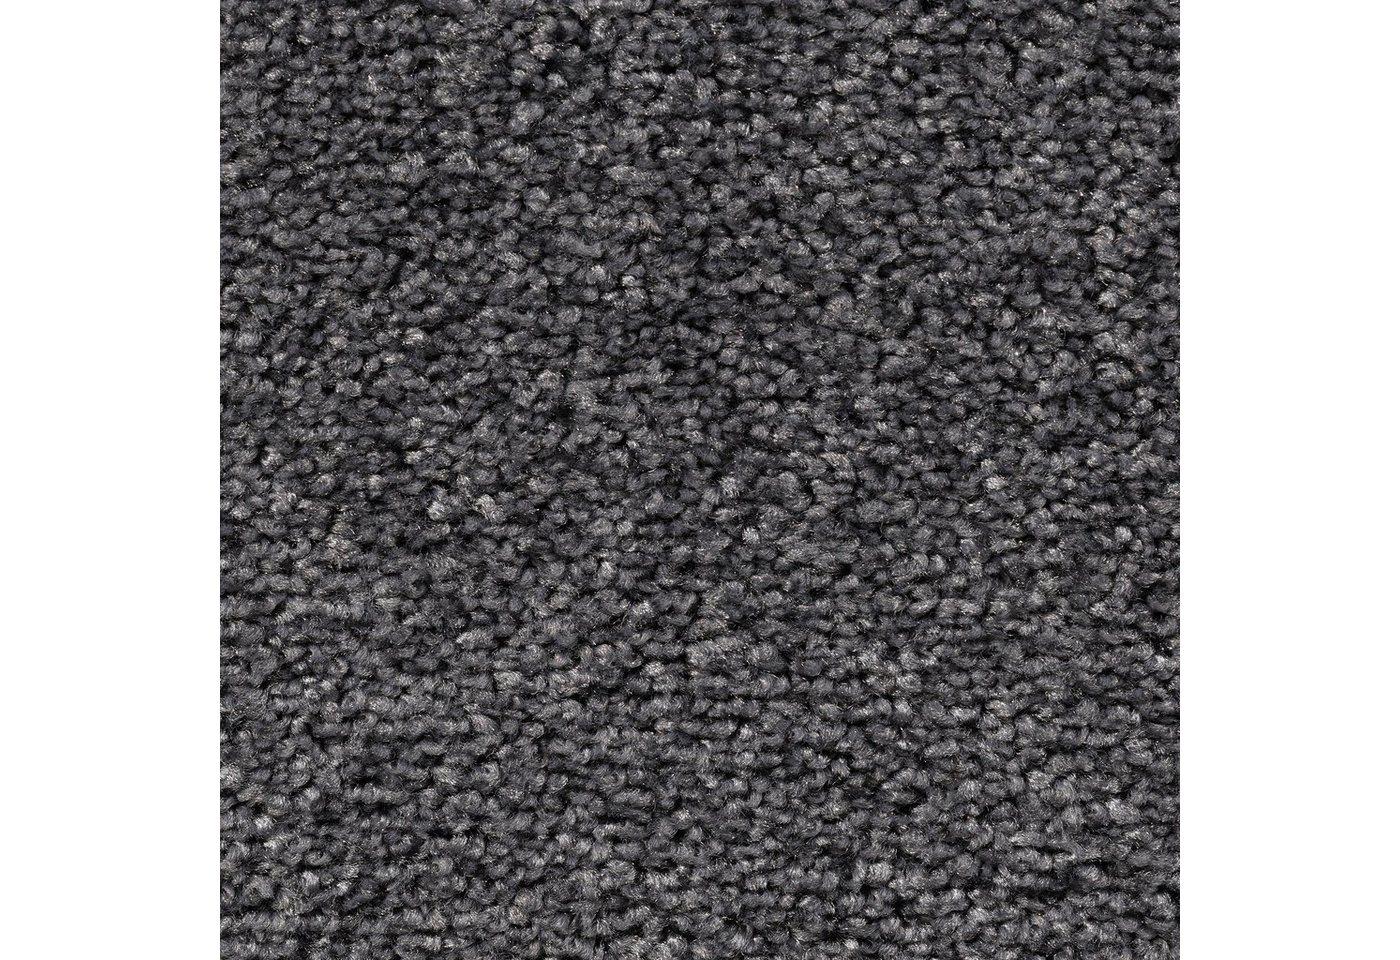 VORWERK Teppichboden »Passion 1004«, Meterware, Velours, Breite 400/500 cm   Baumarkt > Bodenbeläge   Grau   Vorwerk